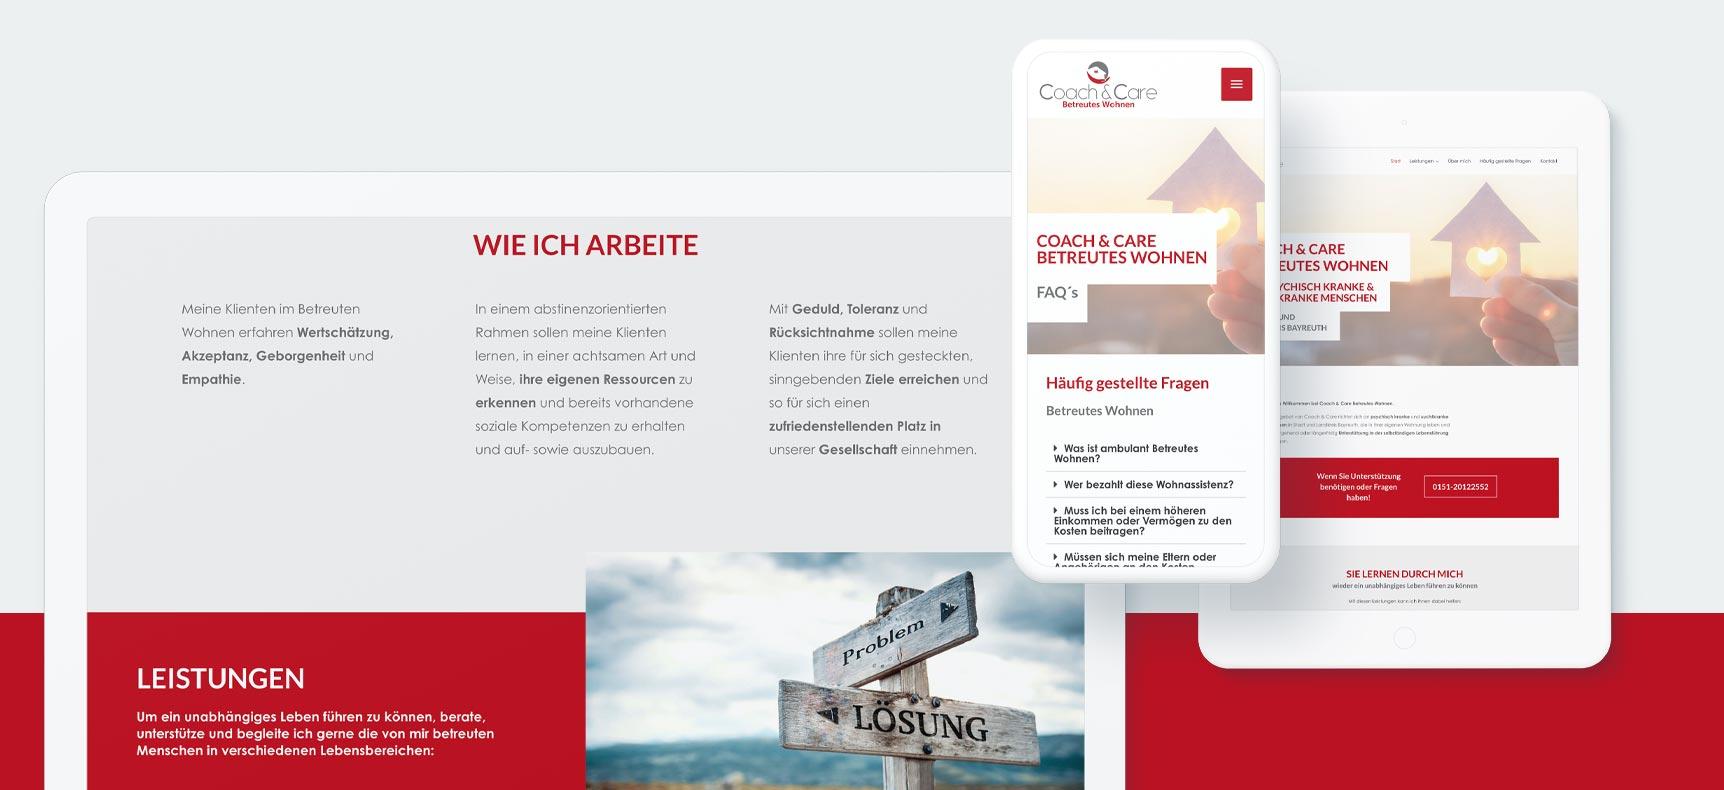 Coach&Care Betreutes Wohnen | Website erstellt von StatusZwo.com